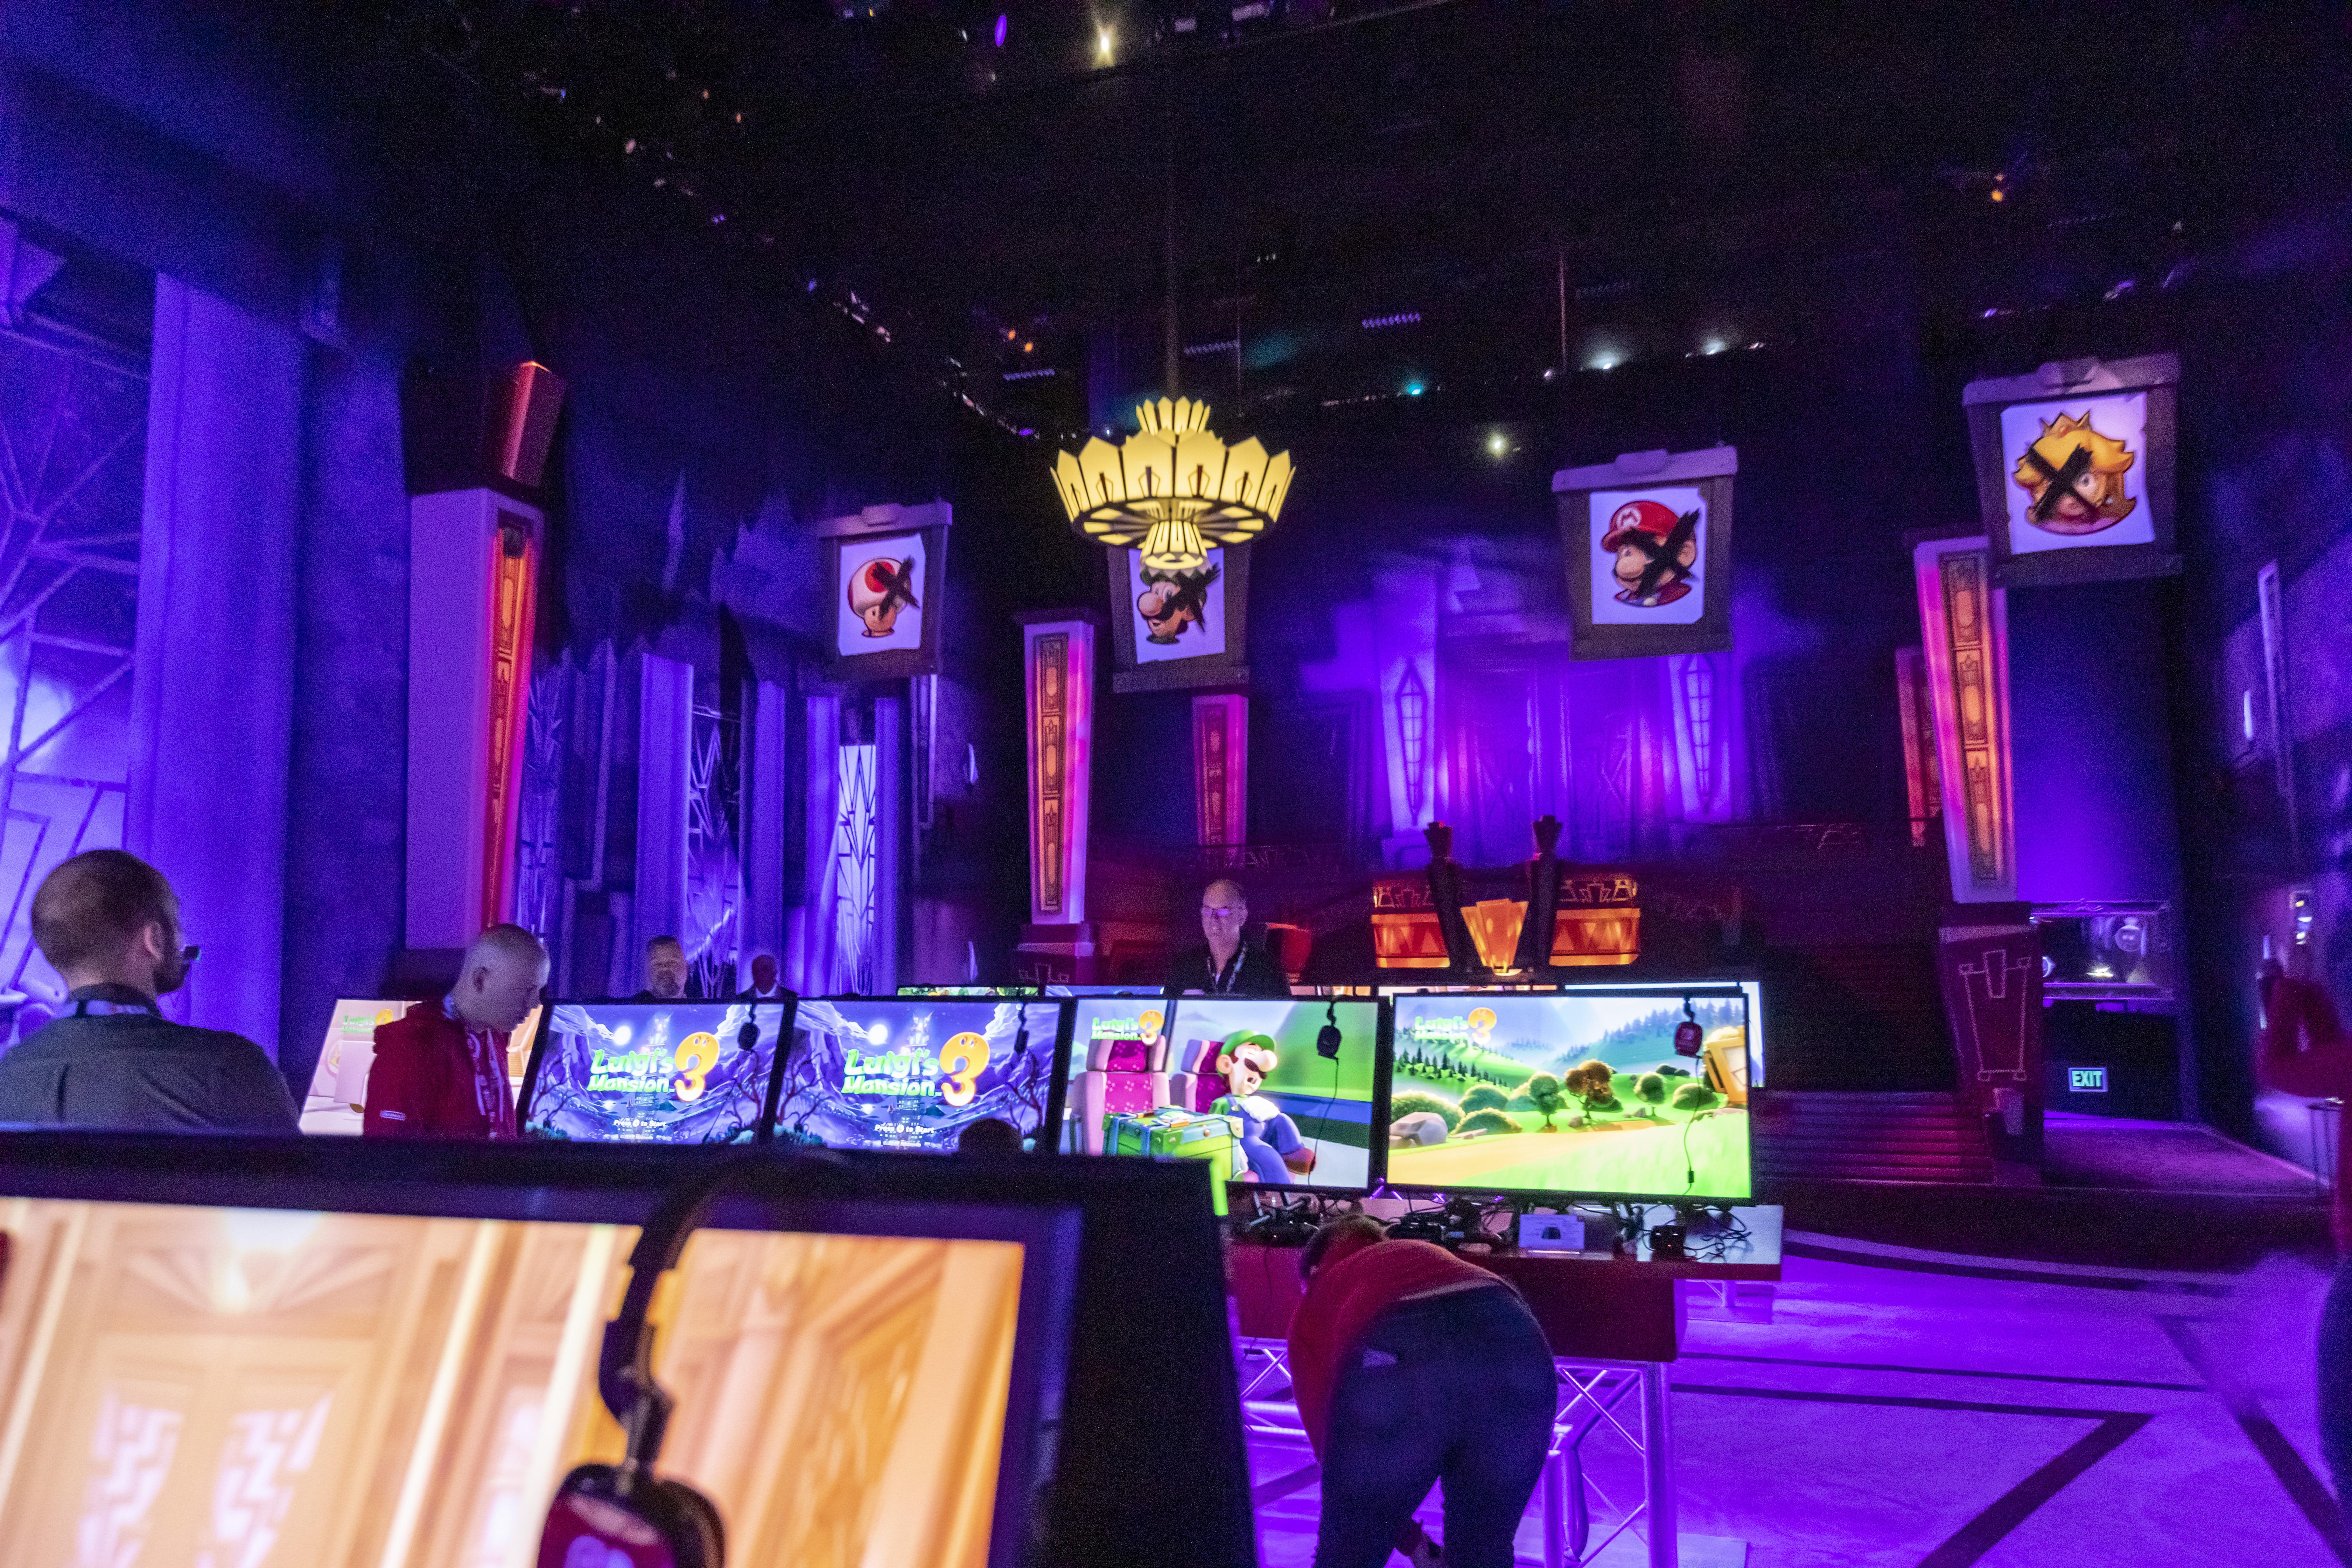 Innenansicht des Nintendo-Standes auf der E3 einschließlich des Kronleuchters, der mit Soundeffekten und Fokuspunkten des des ORION-System aufgewertet wurde